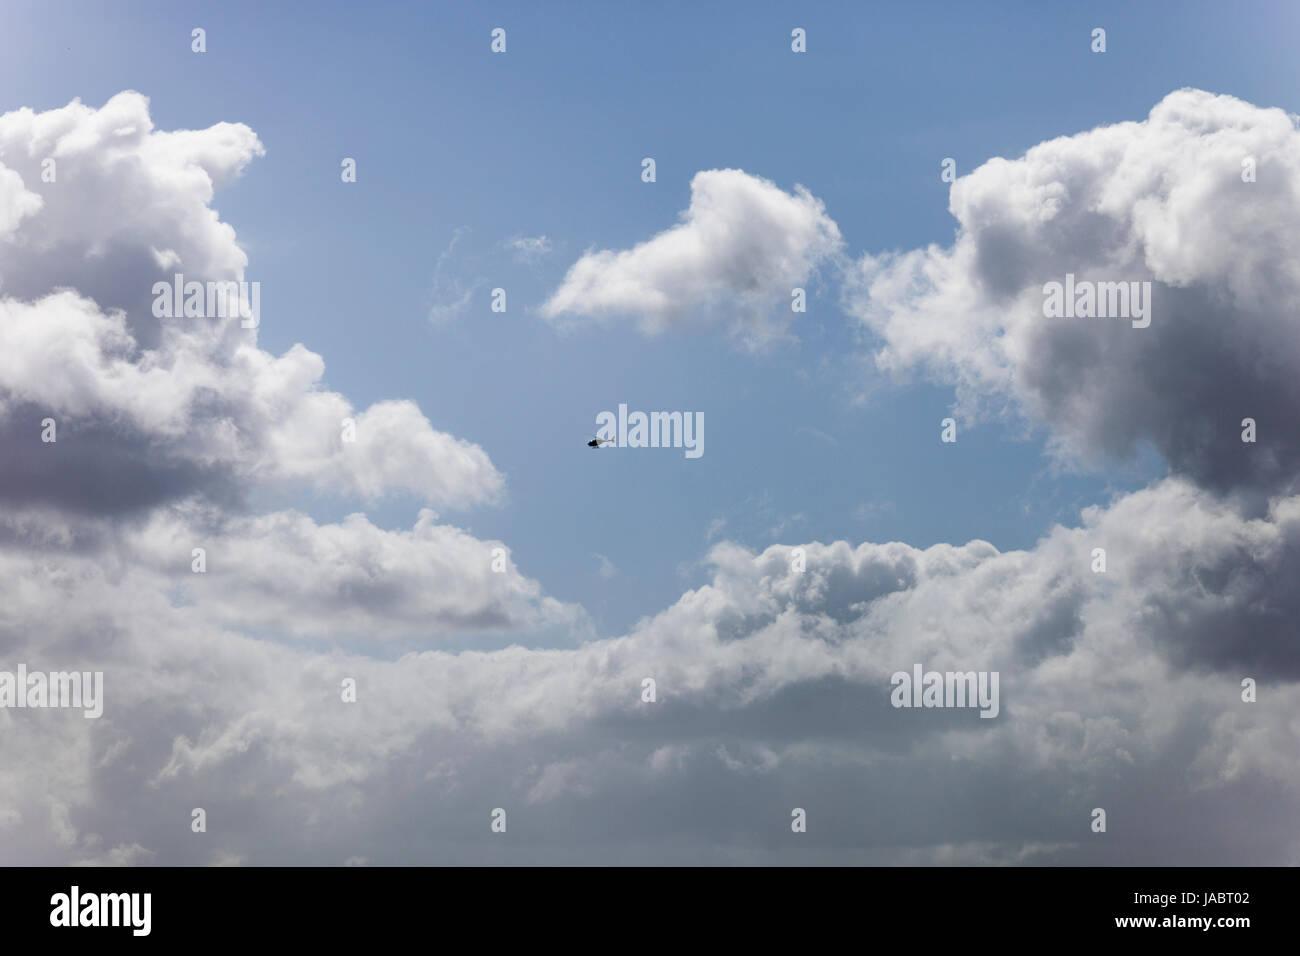 Hubschrauber fliegen in den Wolken. Stockbild